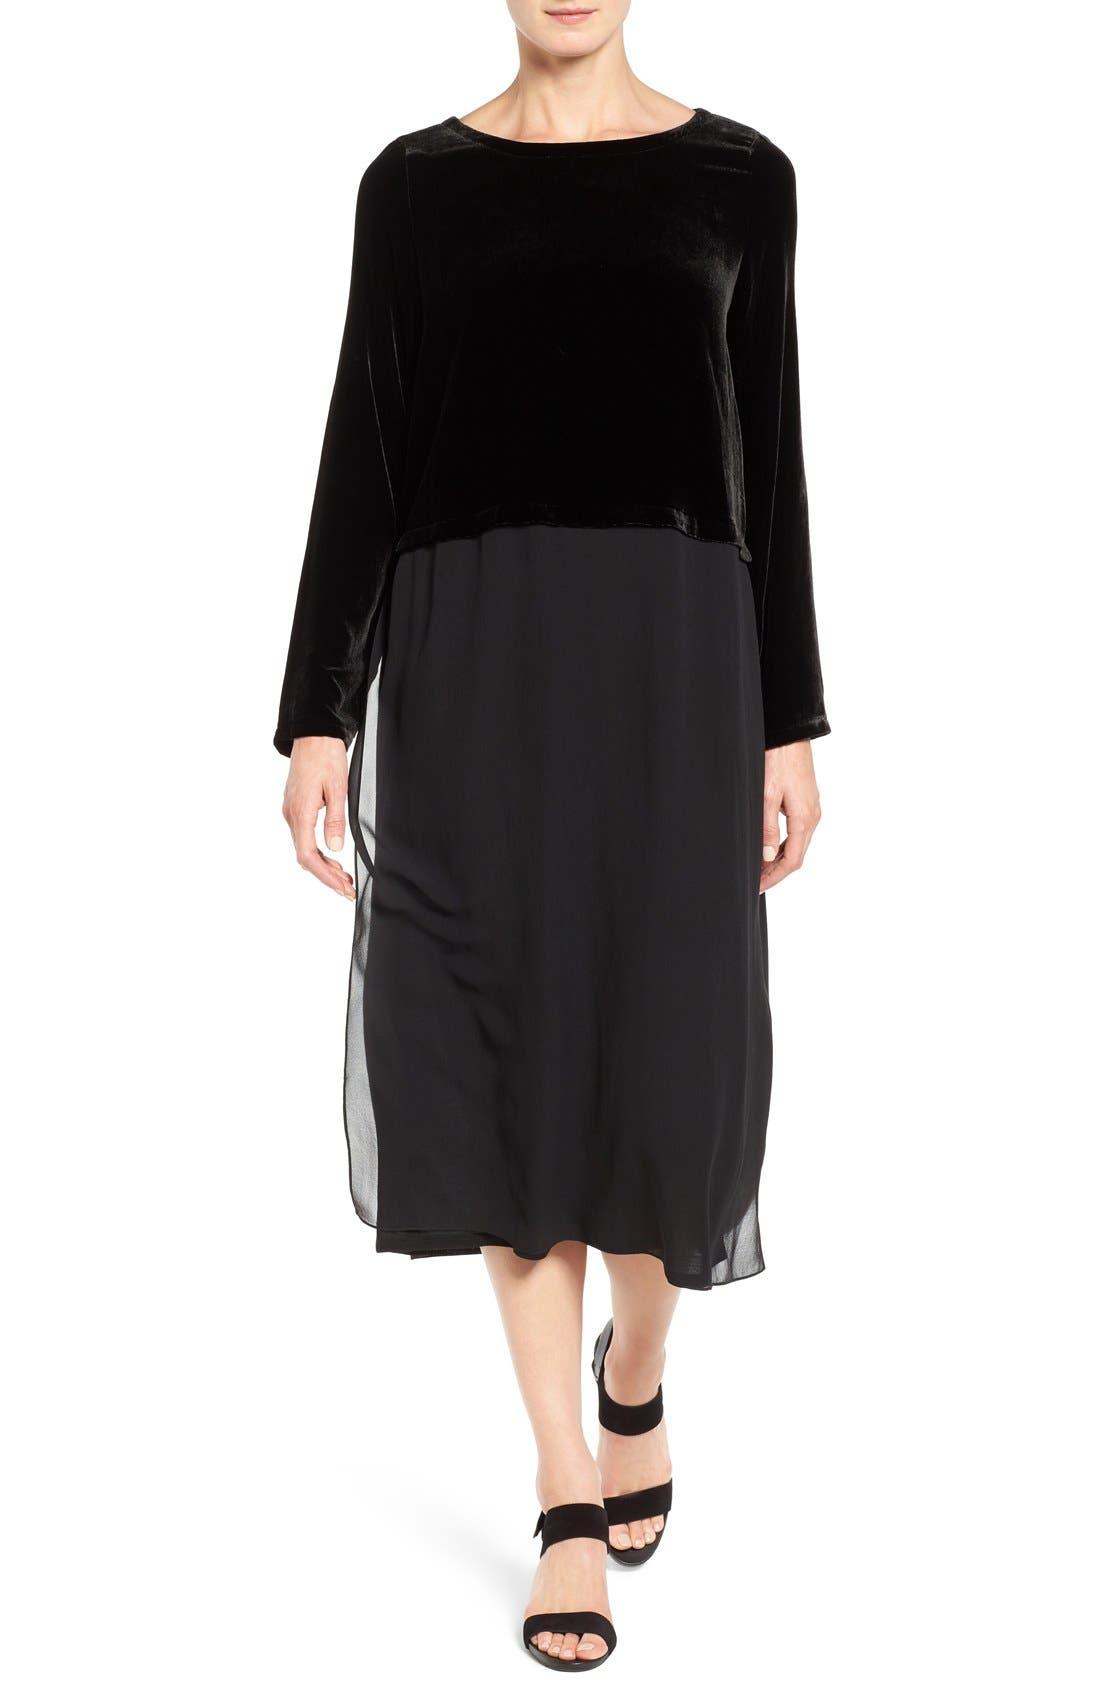 Velvet & Silk Midi Length Shift Dress, Main, color, 001